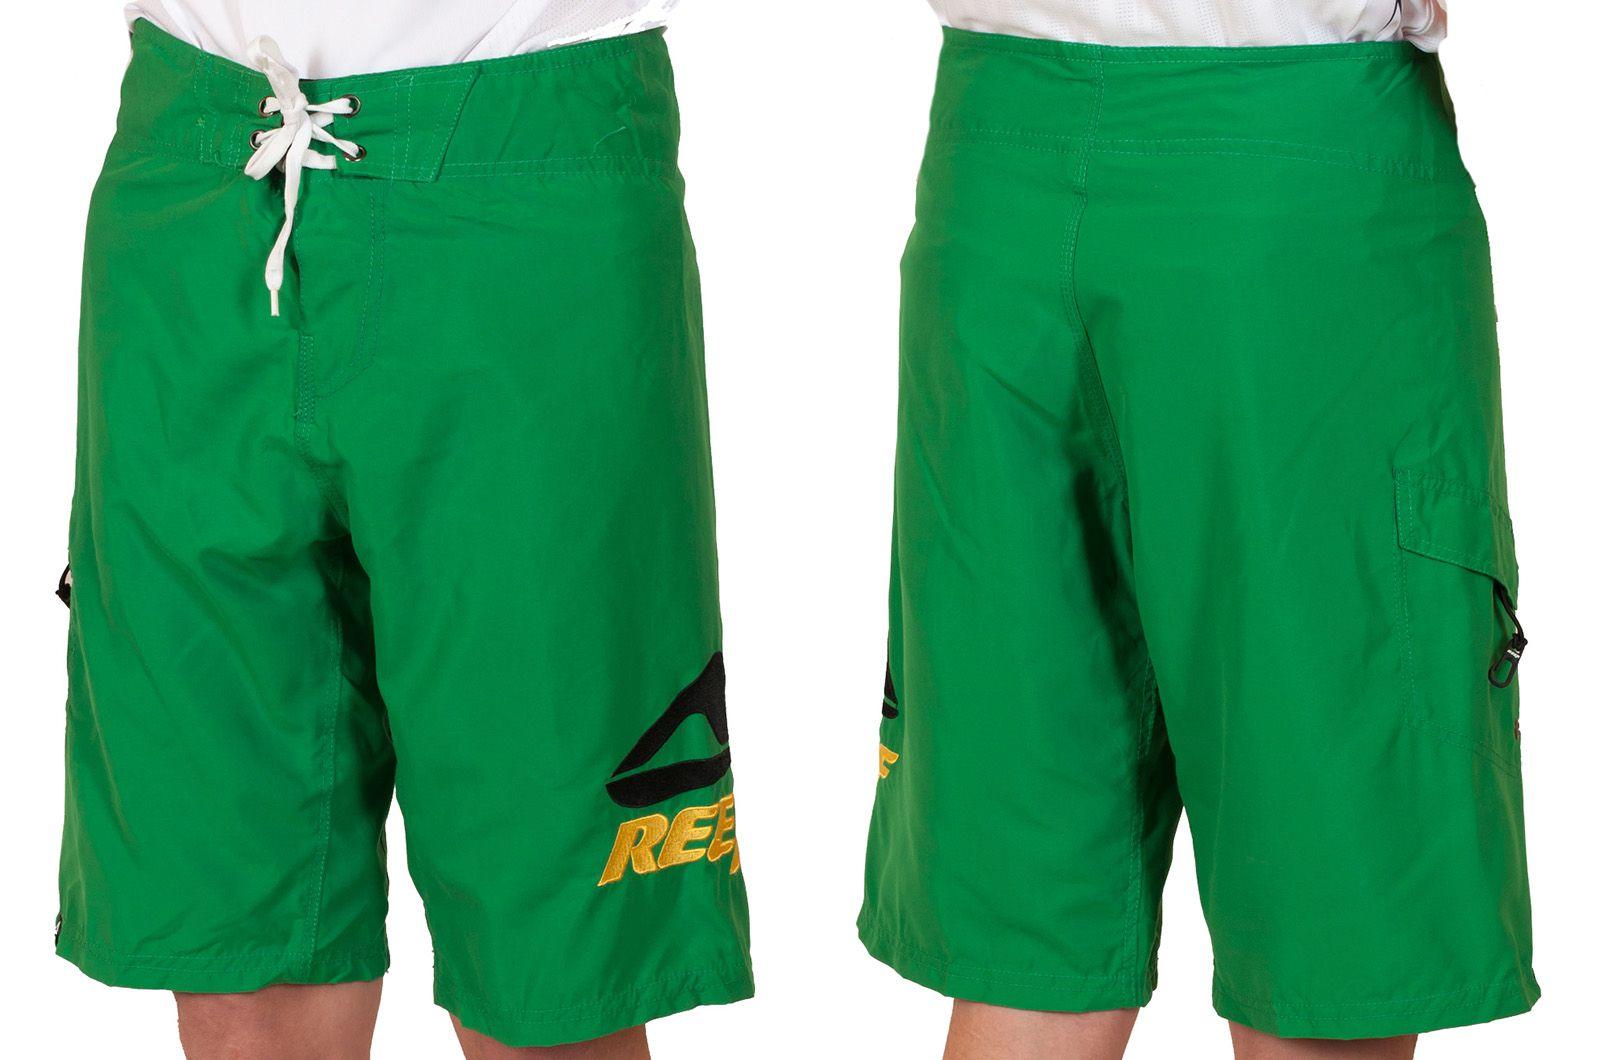 Модные подростковые шорты Reef - обший вид